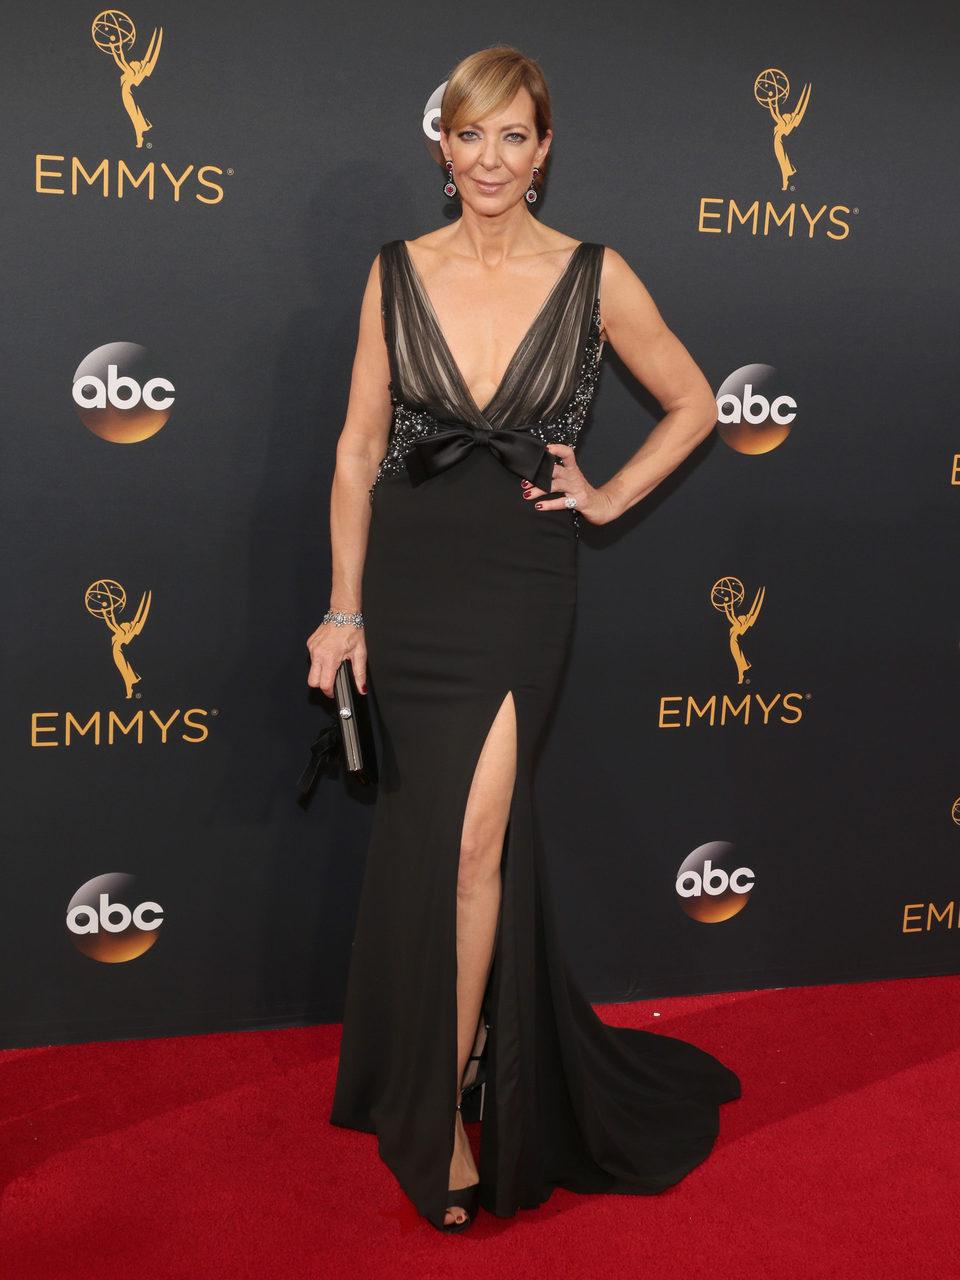 Allison Janney at Emmy 2016 red carpet